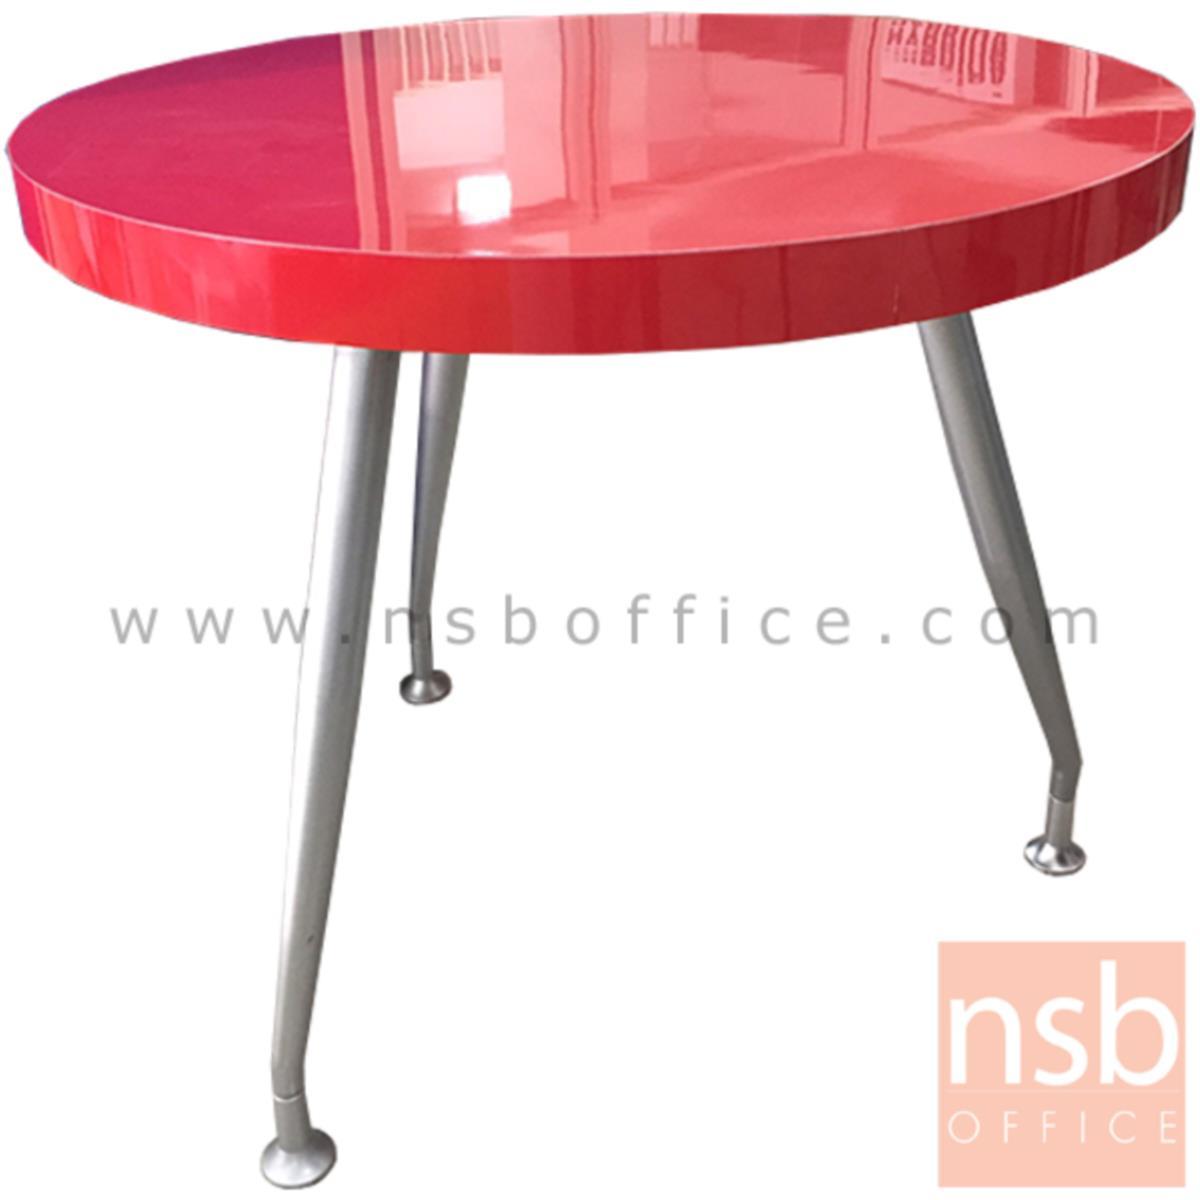 L10A179:โต๊ะประชุมกลม  ขนาด 90Di*79H cm. ขาเหล็ก